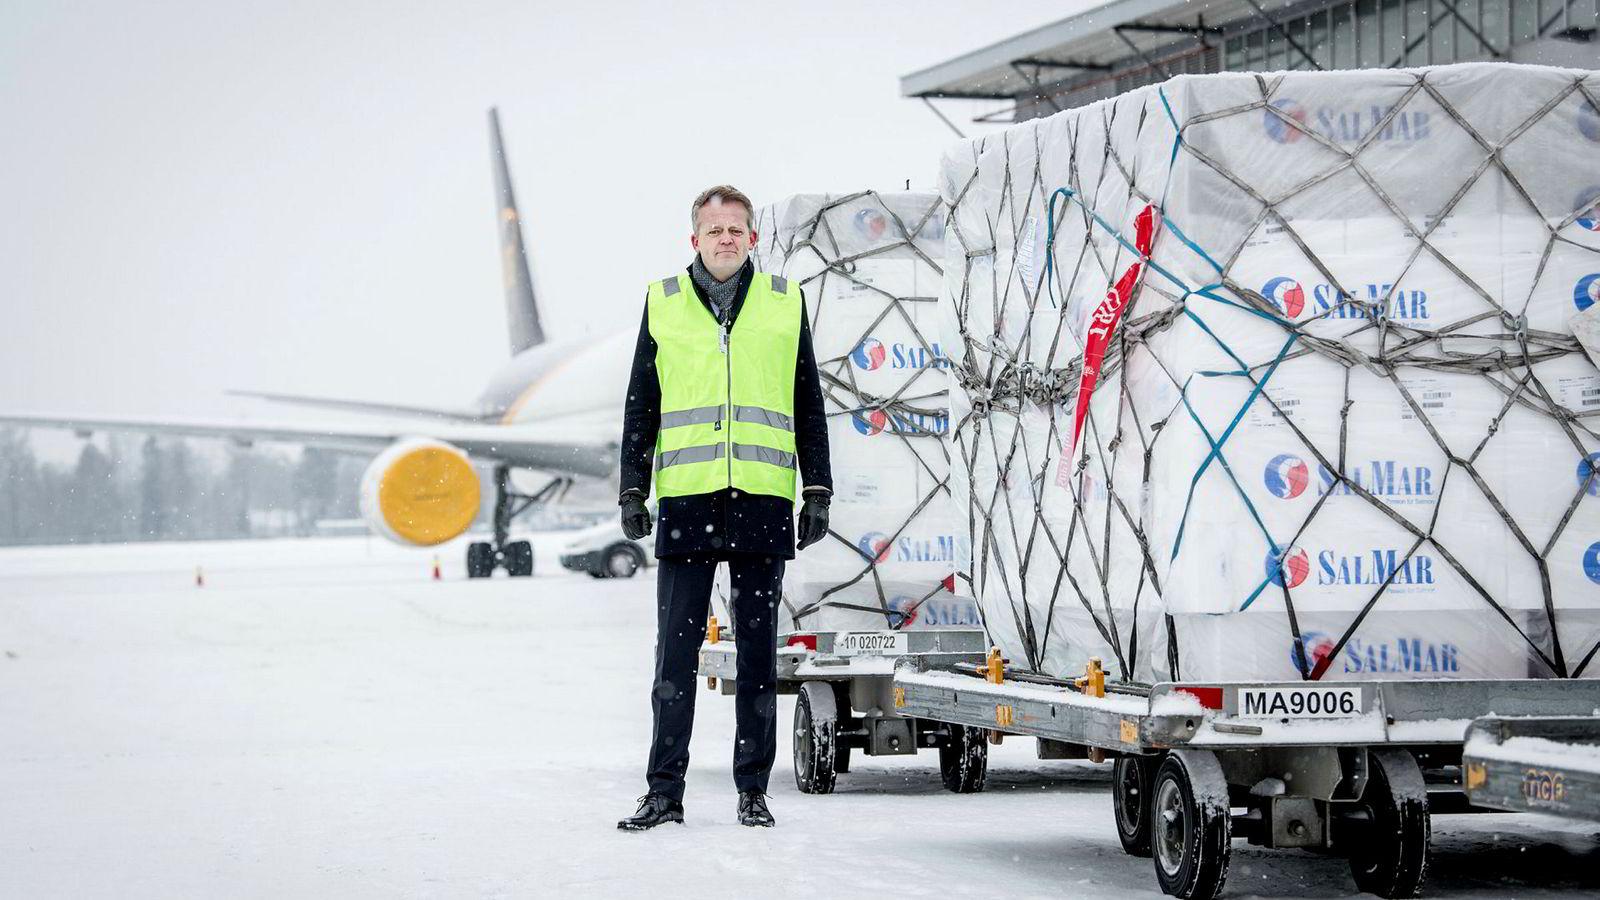 Leder Knut Eriksmoen i fraktselskapet Schenker har i flere år vært styreleder for en privat fisketerminal på Gardermoen, og mener statlige Avinor kan skvise ut konkurrentene ved å bygge for stor terminal selv.